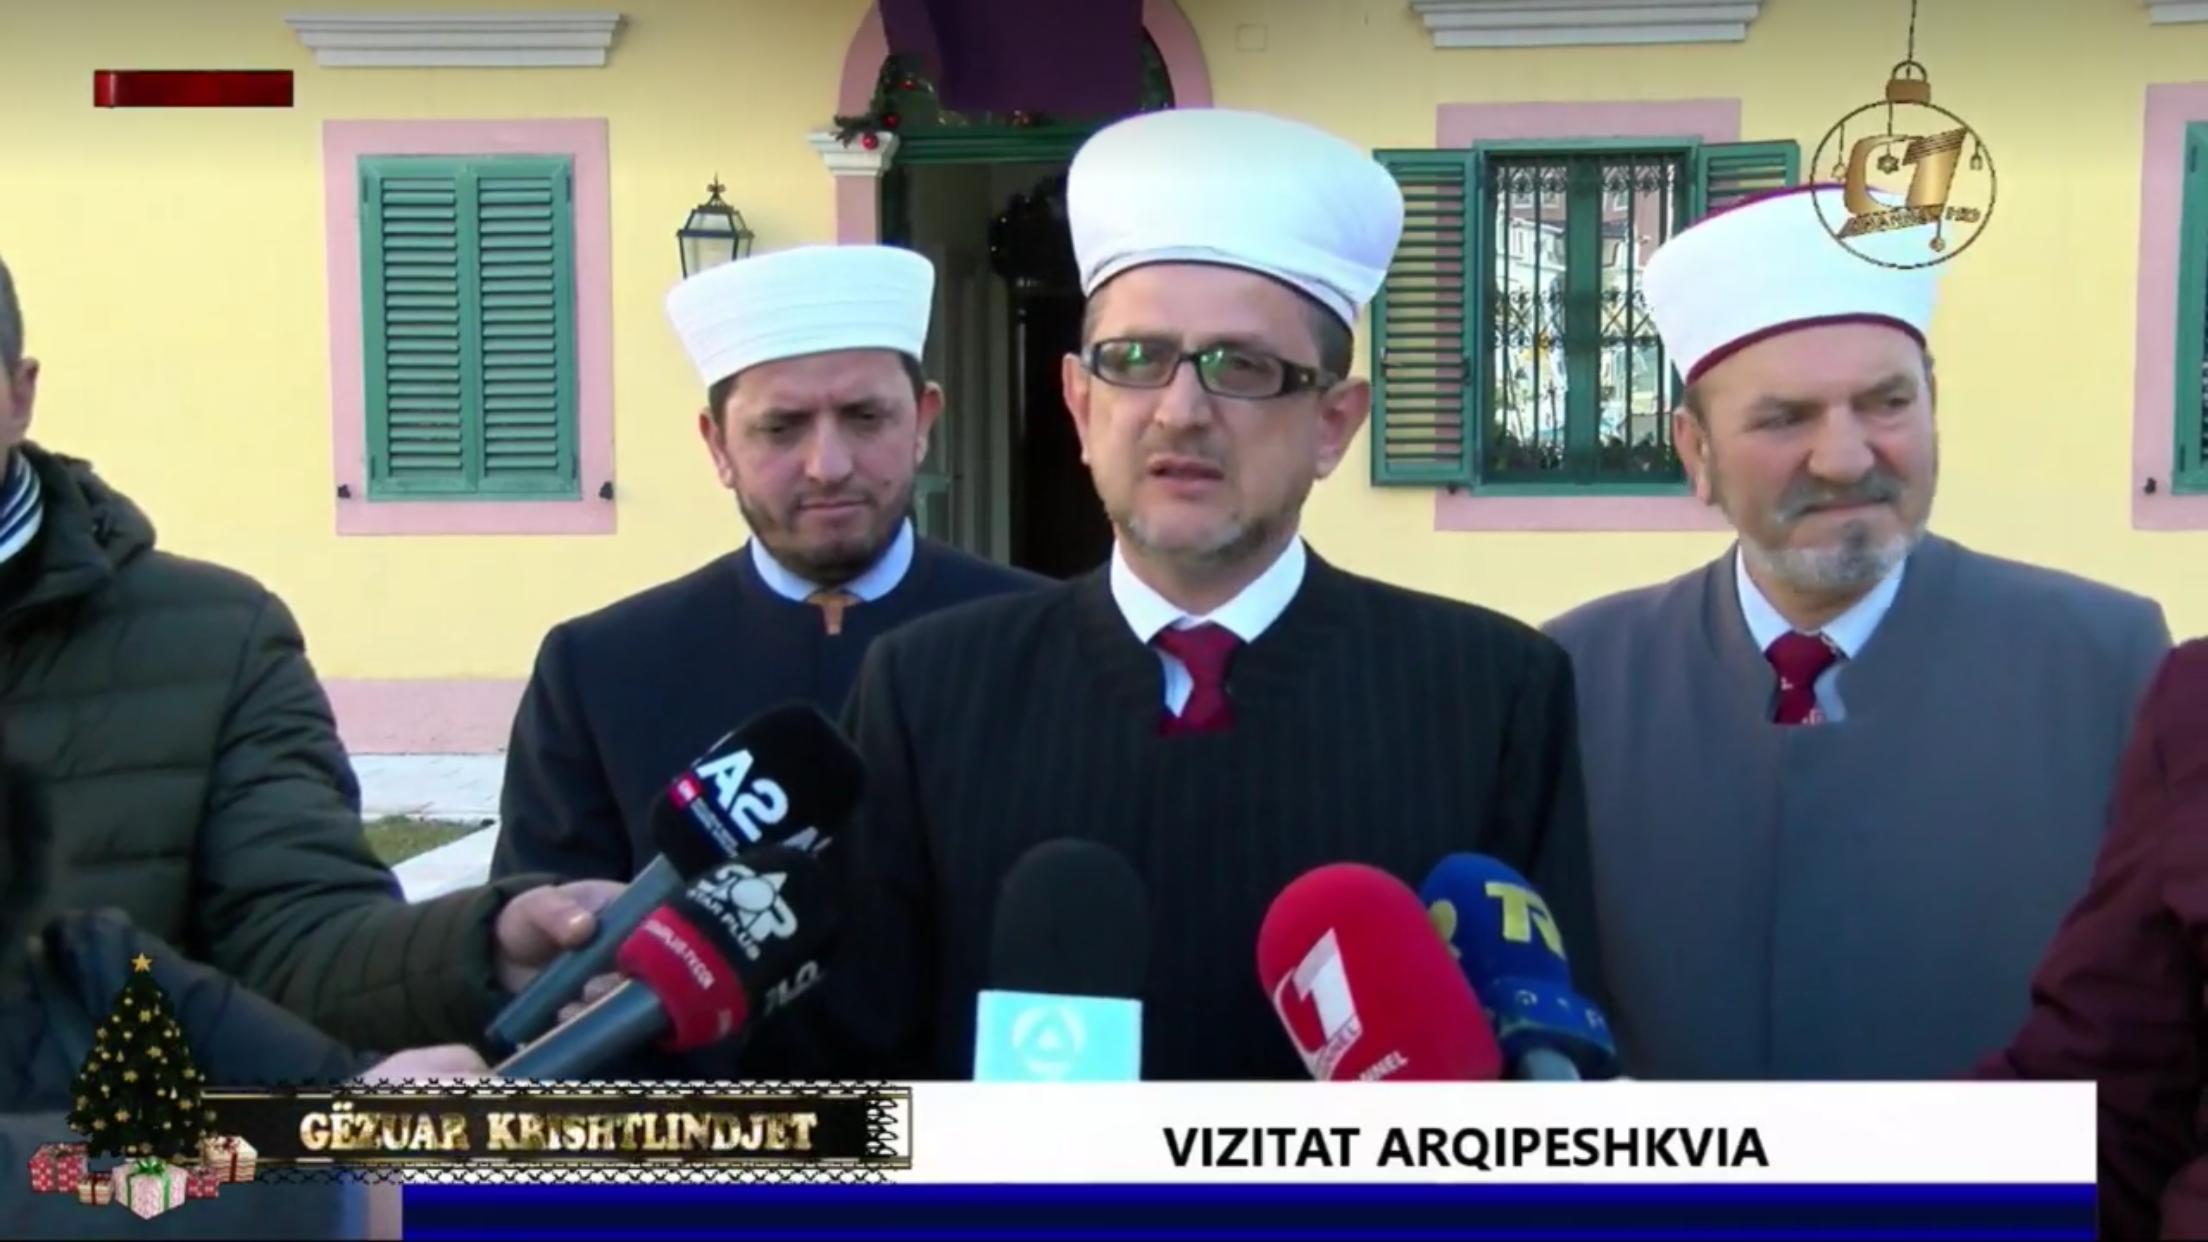 Përfaqësues të Myftinisë Shkodër zhvillojnë vizita në Kishën Ortodokse dhe Katolike të Shkodrës për festën e Krishtlindjes